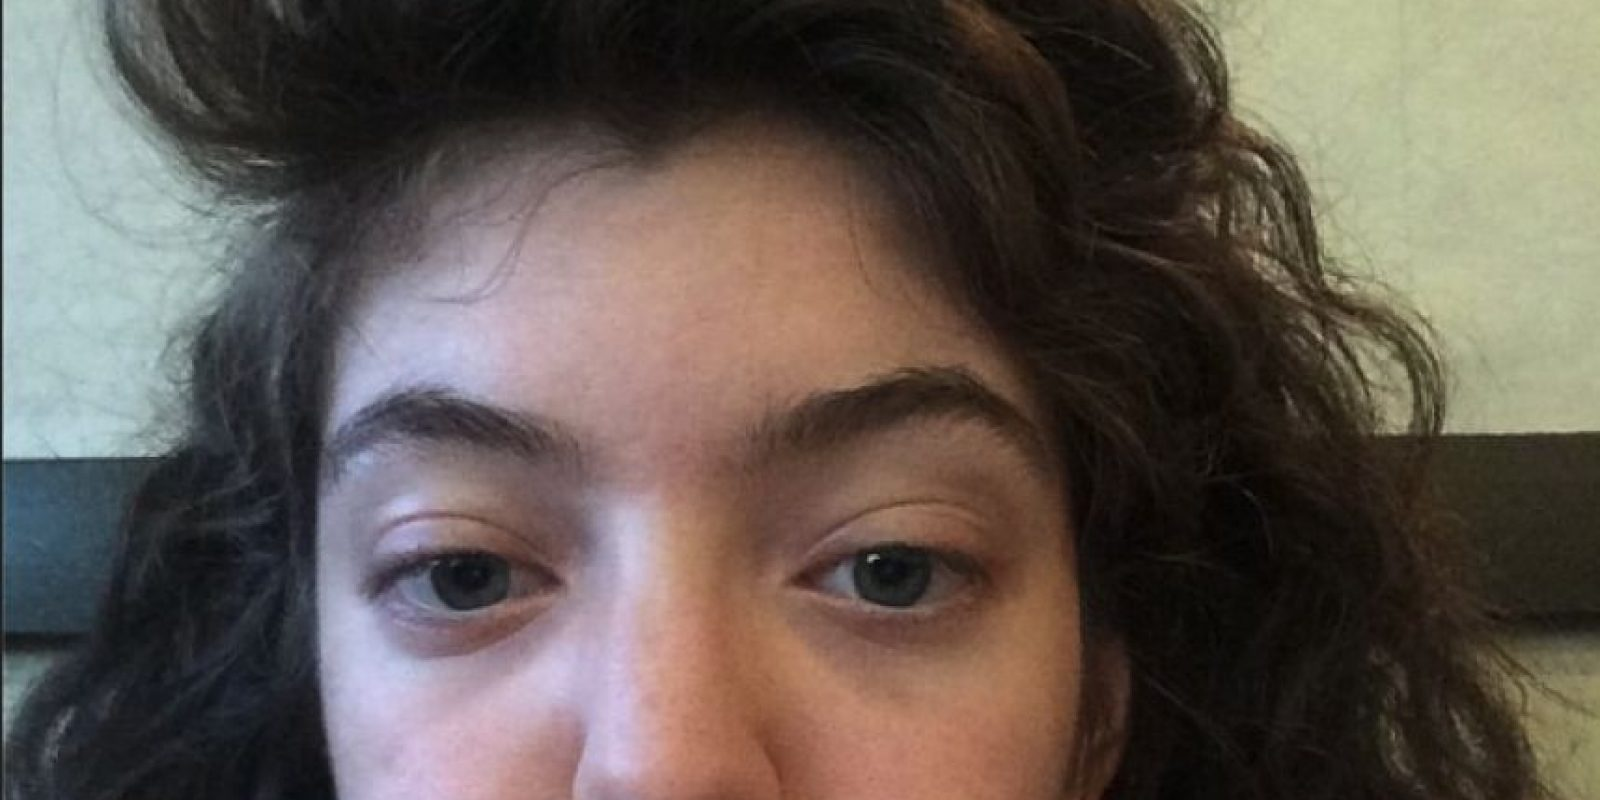 No teme mostrar su rostro sin maquillaje Foto:Instagram/Lorde